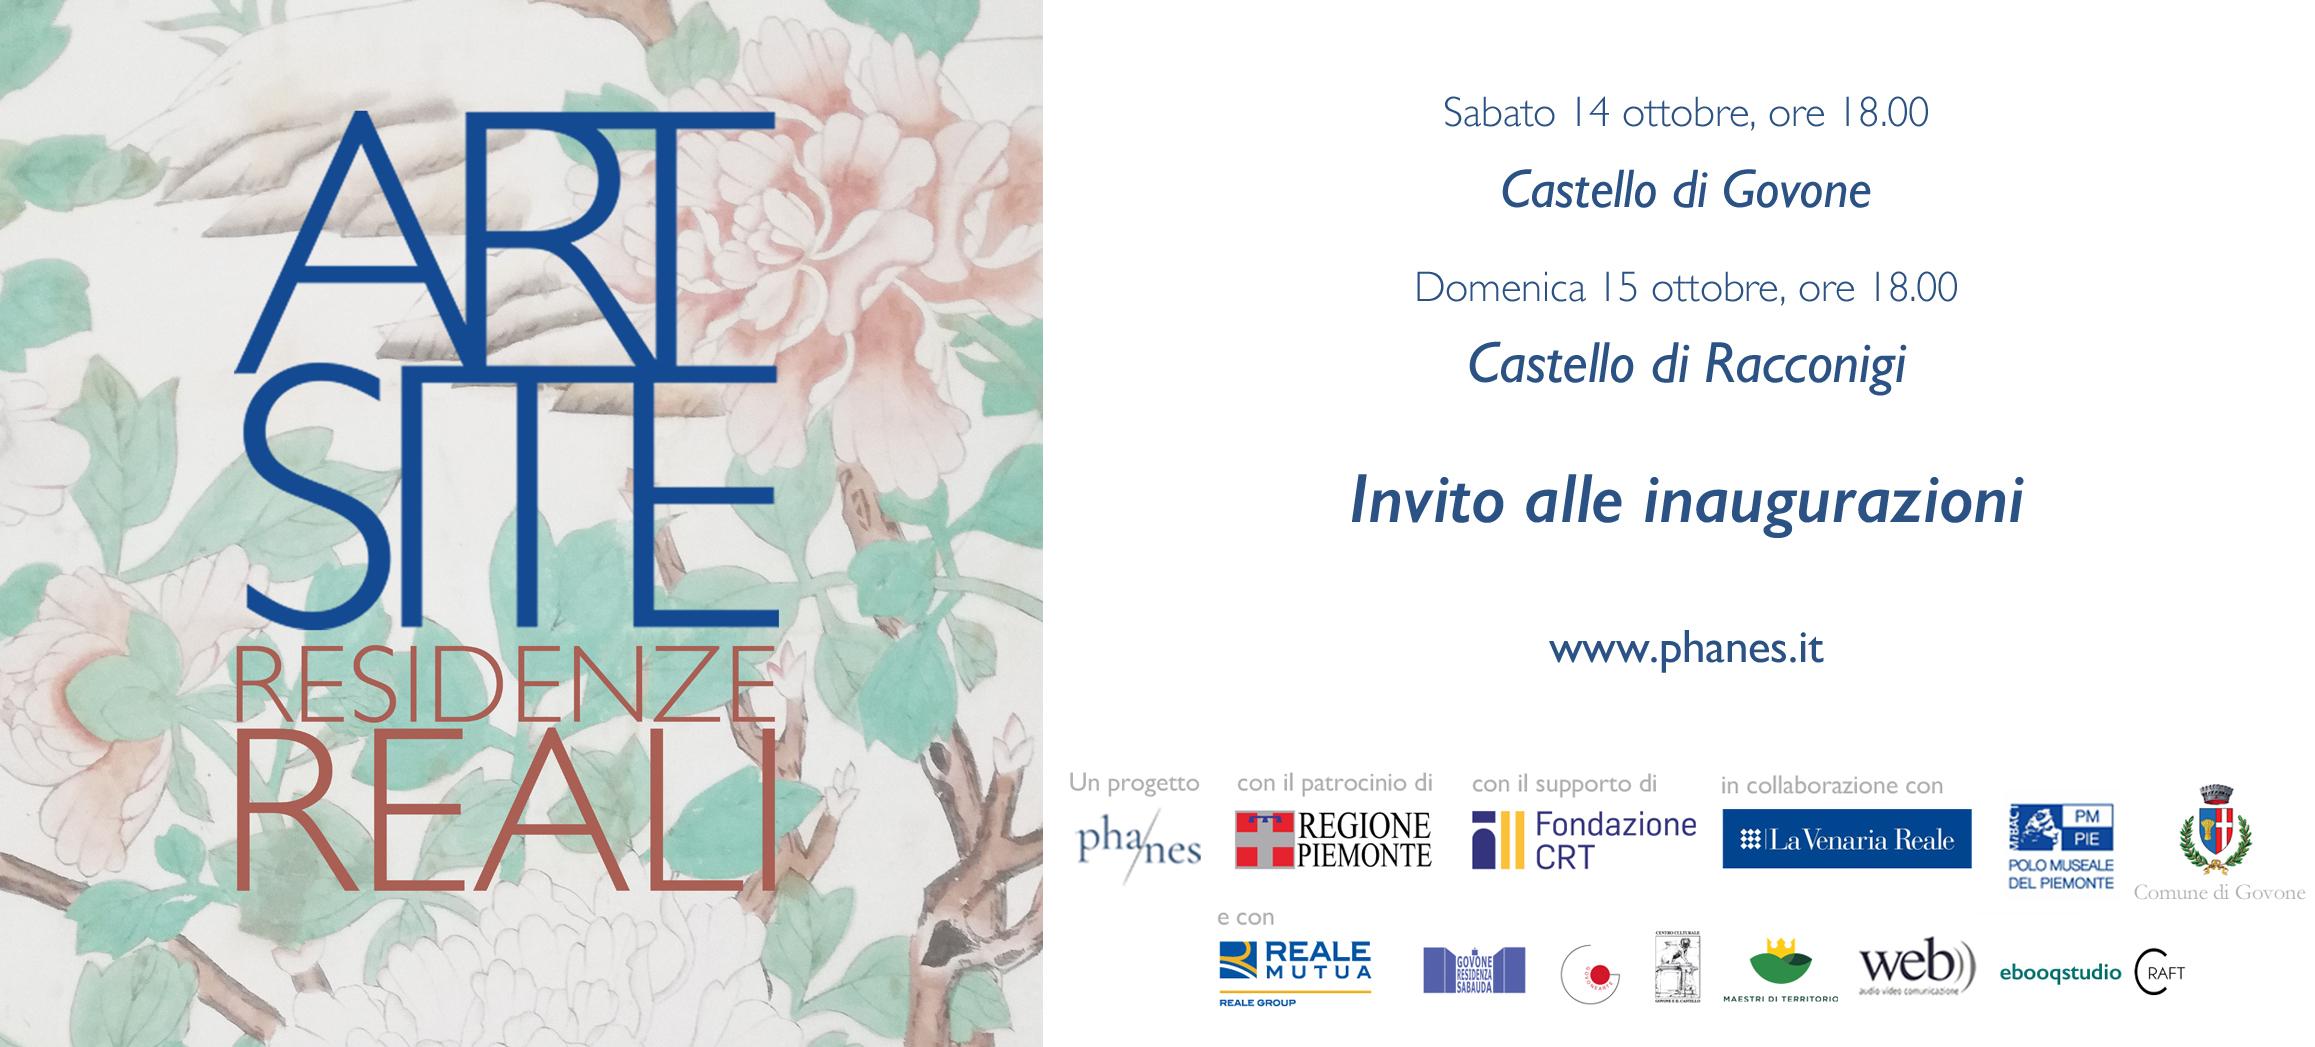 invito_inaugurazioni.jpg